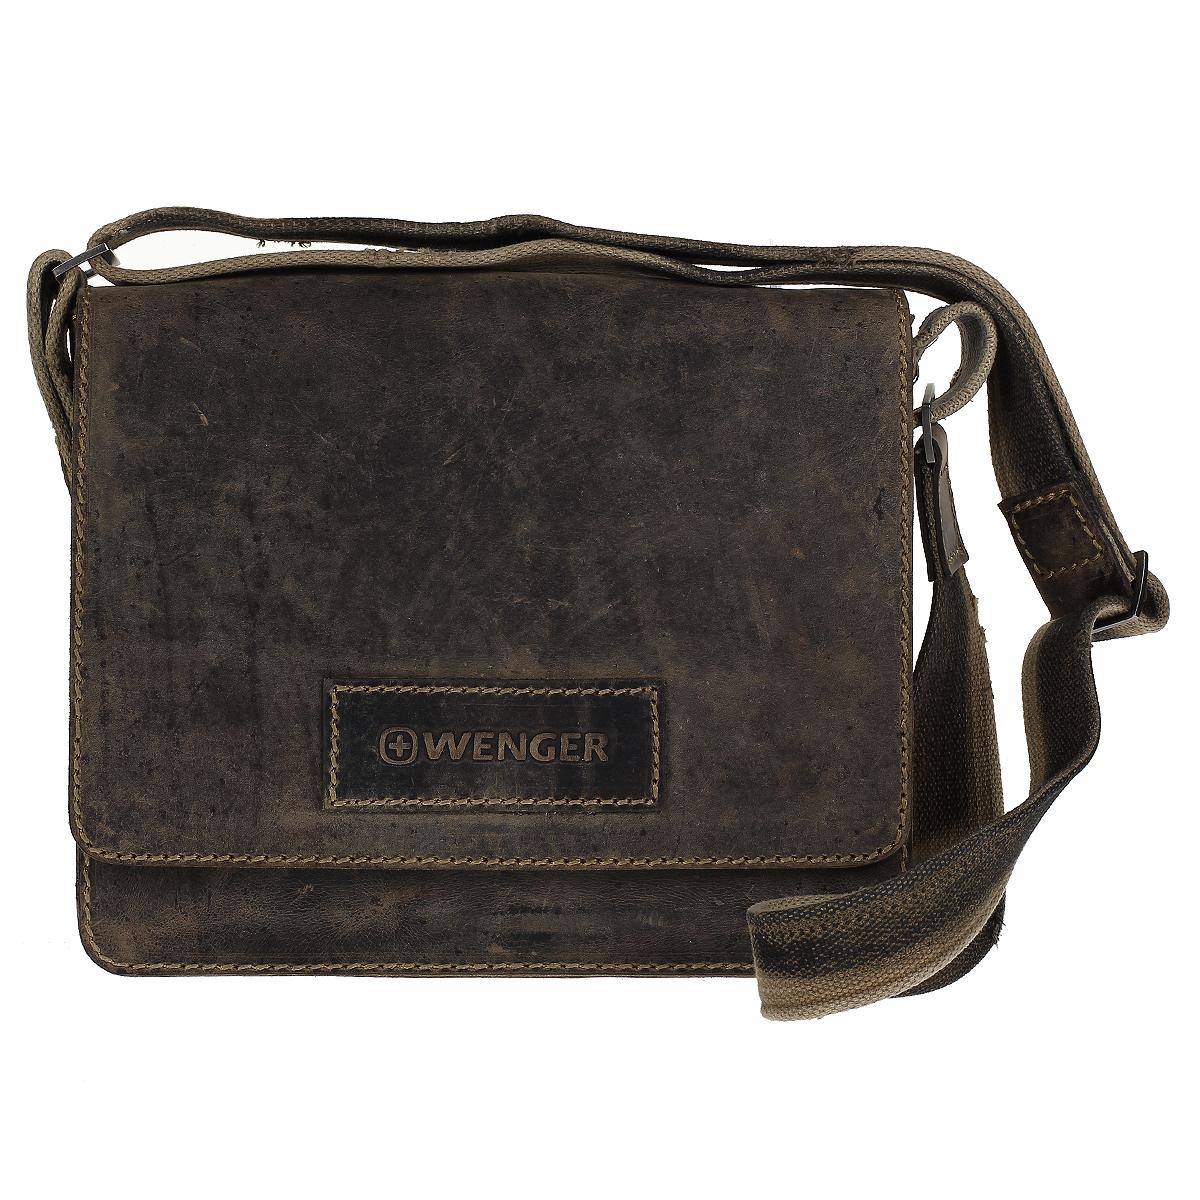 Сумка мужская Wenger Stonehide, цвет: светло-коричневый. W16-02W16-02Мужская сумка в стиле casual Wenger Stonehide изготовлена из высококачественной натуральной кожи светло-коричневого цвета. Кожа серии Stonehide - это крепкая, эластичная бычья кожа, обработанная по традиционной технологии - грубые швы, состаренные ремни. Потертый внешний вид делает изделие уникальным и создает специфический эффект старины. Сумка по всей поверхности оформлена стежками бежевого цвета. Сумка имеет одно основное отделение, которое закрывается клапаном на магнитную кнопку. Внутри содержится два отдела, разделенных средником на молнии, два накладных кармашка, два держателя для ручек, вшитый карман на молнии и 6 кармашков для пластиковых карт или визиток. Внутренняя поверхность отделана полиэстером коричневого цвета. Под клапаном содержится вшитый карман на молнии. С задней стороны сумки расположено дополнительное отделение на молнии. Изделие оснащено плечевым ремнем регулируемой длины из плотного полиэстера. Ремень снабжен вставкой для удобной переноски на...